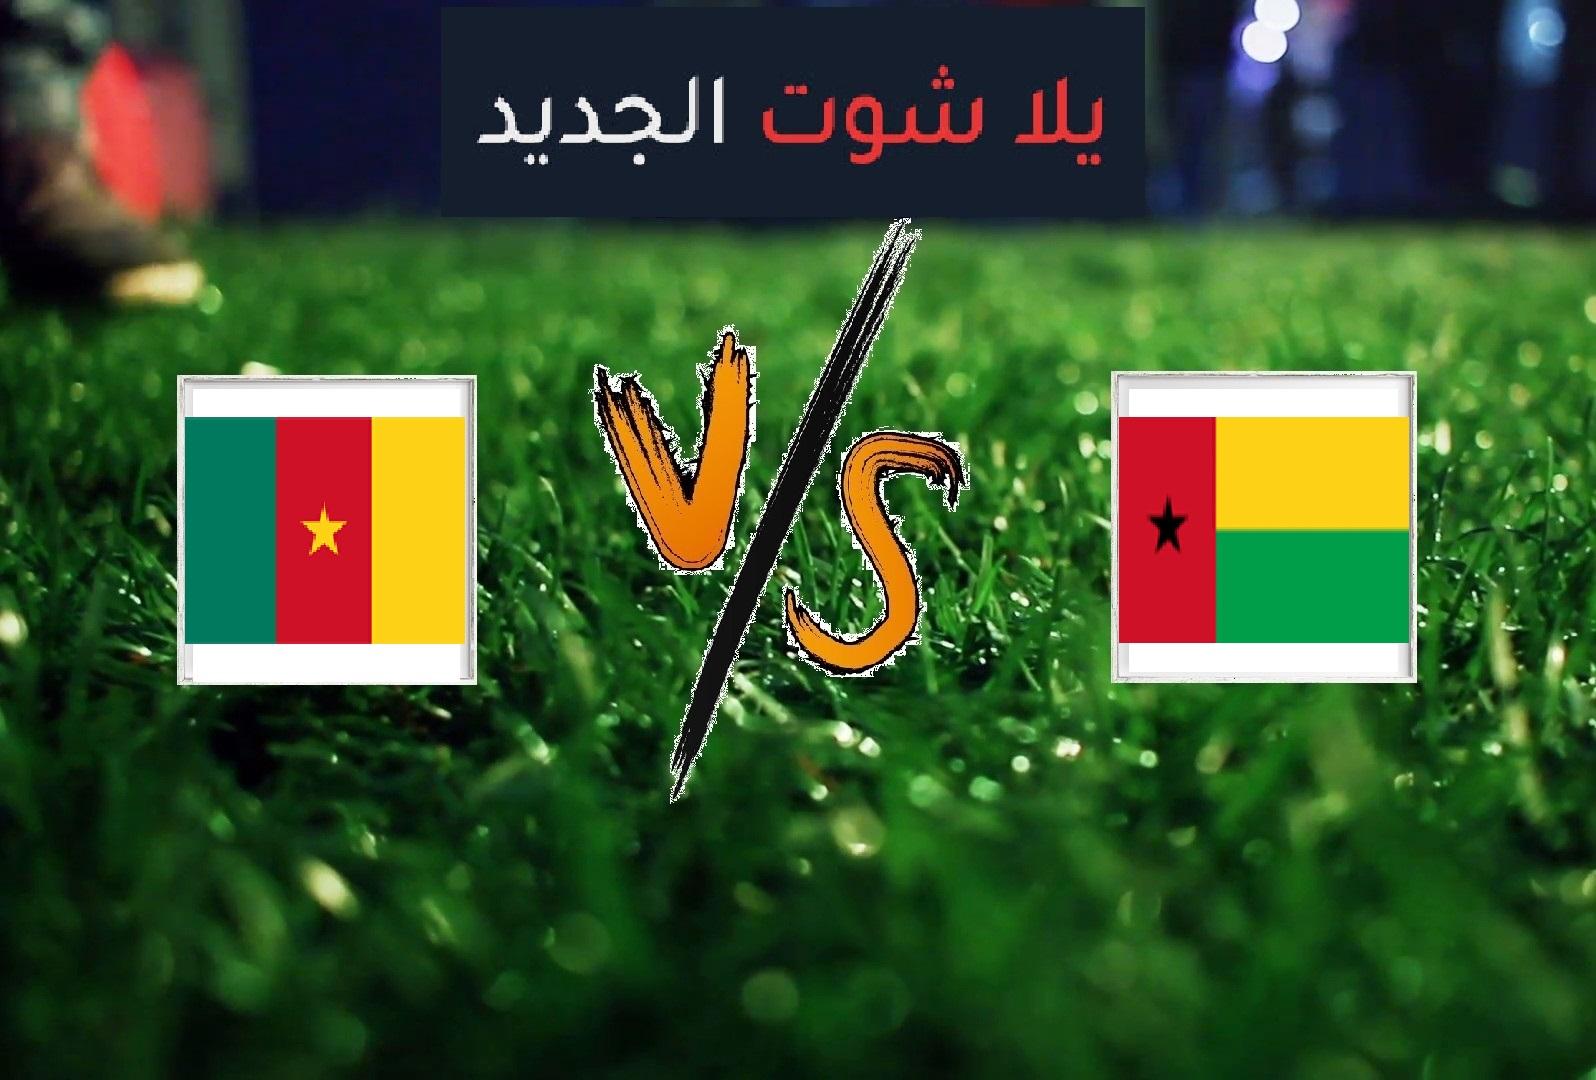 الكاميرون يفوز على غينيا بيساو بهدفين دون رد اليوم الثلاثاء بتاريخ 25-06-2019 كأس الأمم الأفريقية